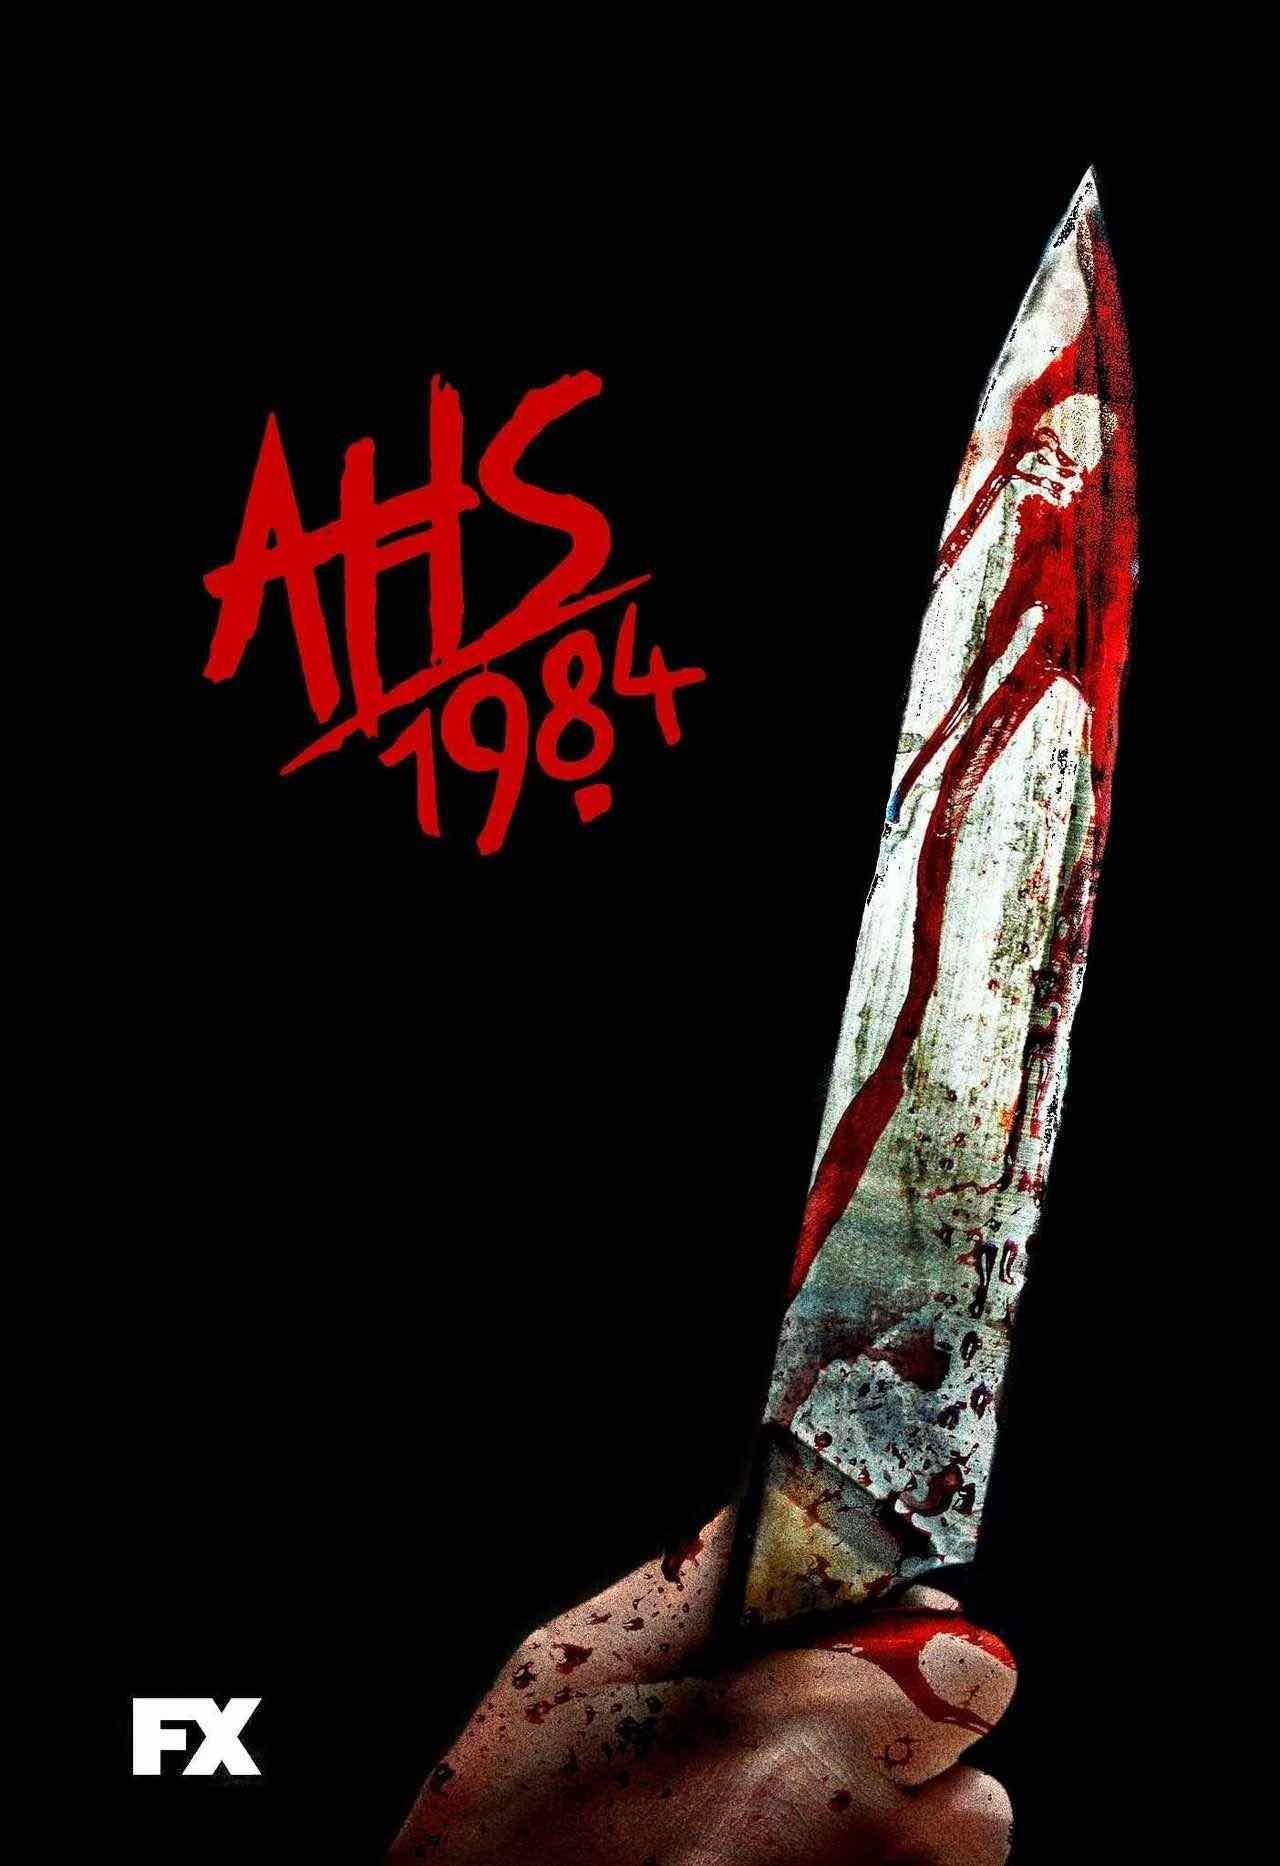 De uma coisa a gente sabe - Vai ter sangue!!!